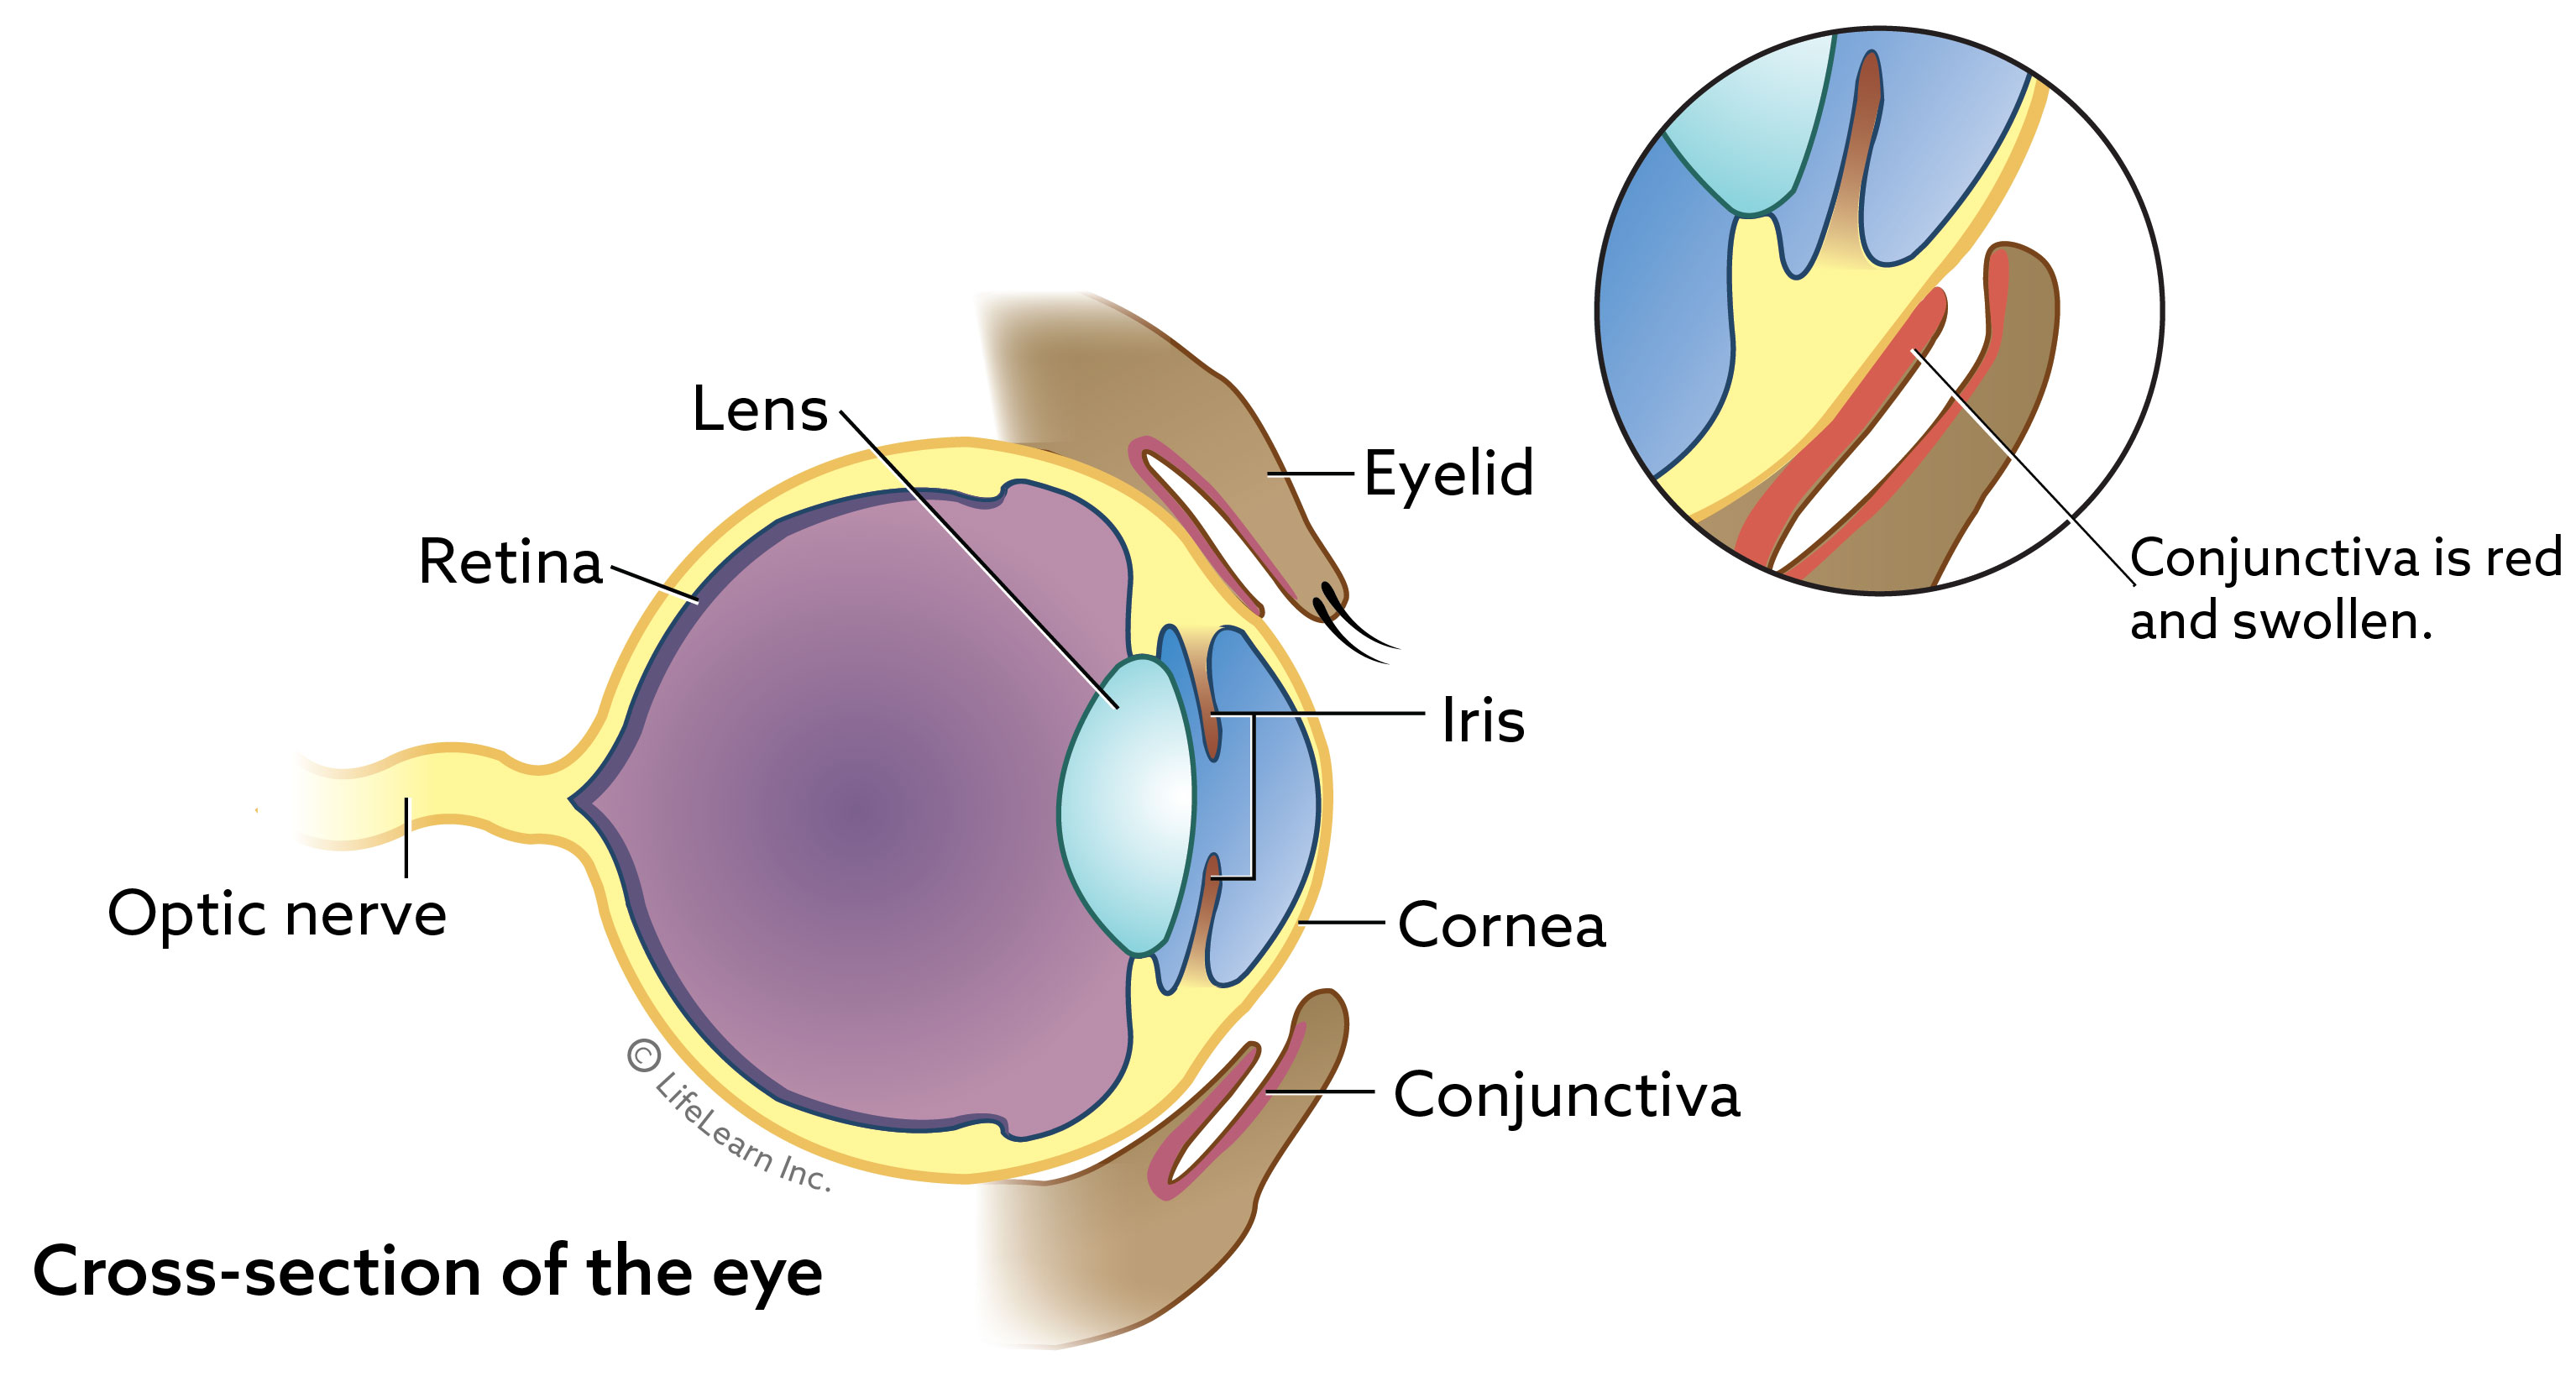 eye_basic_cross_section_conjunctivitis_2018-01